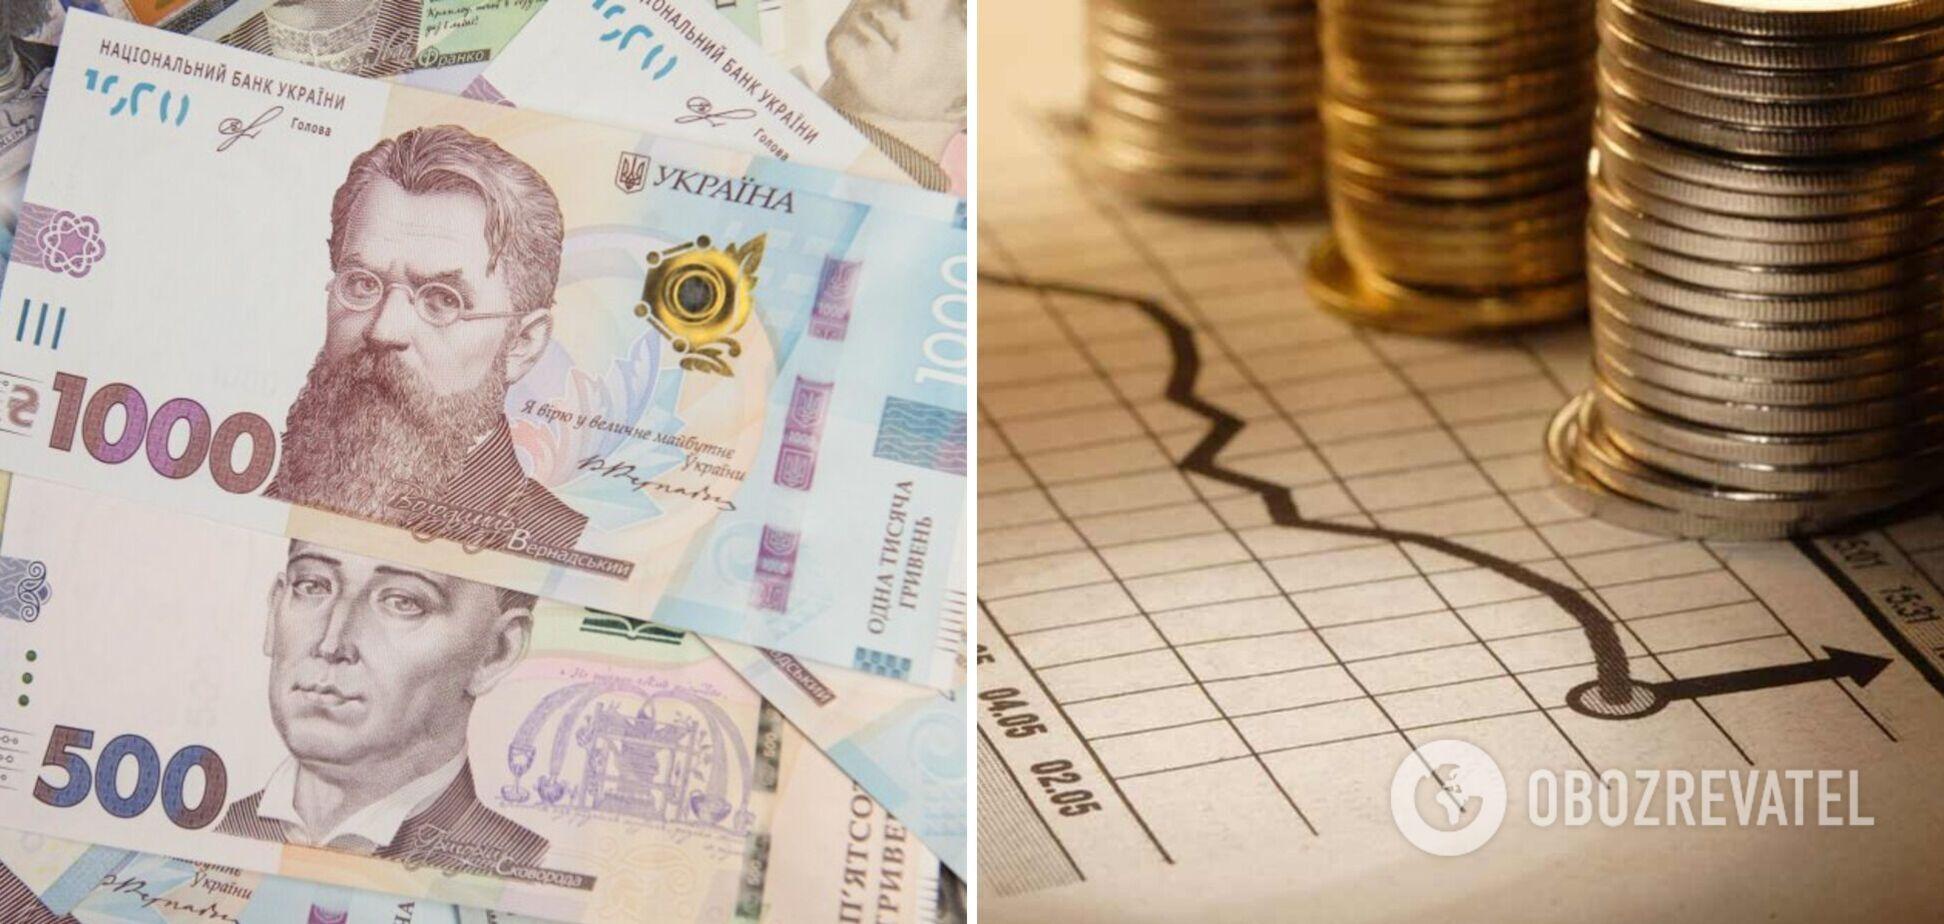 Самая большая прибыль за 10 лет: банки заработали 45,6 млрд грн